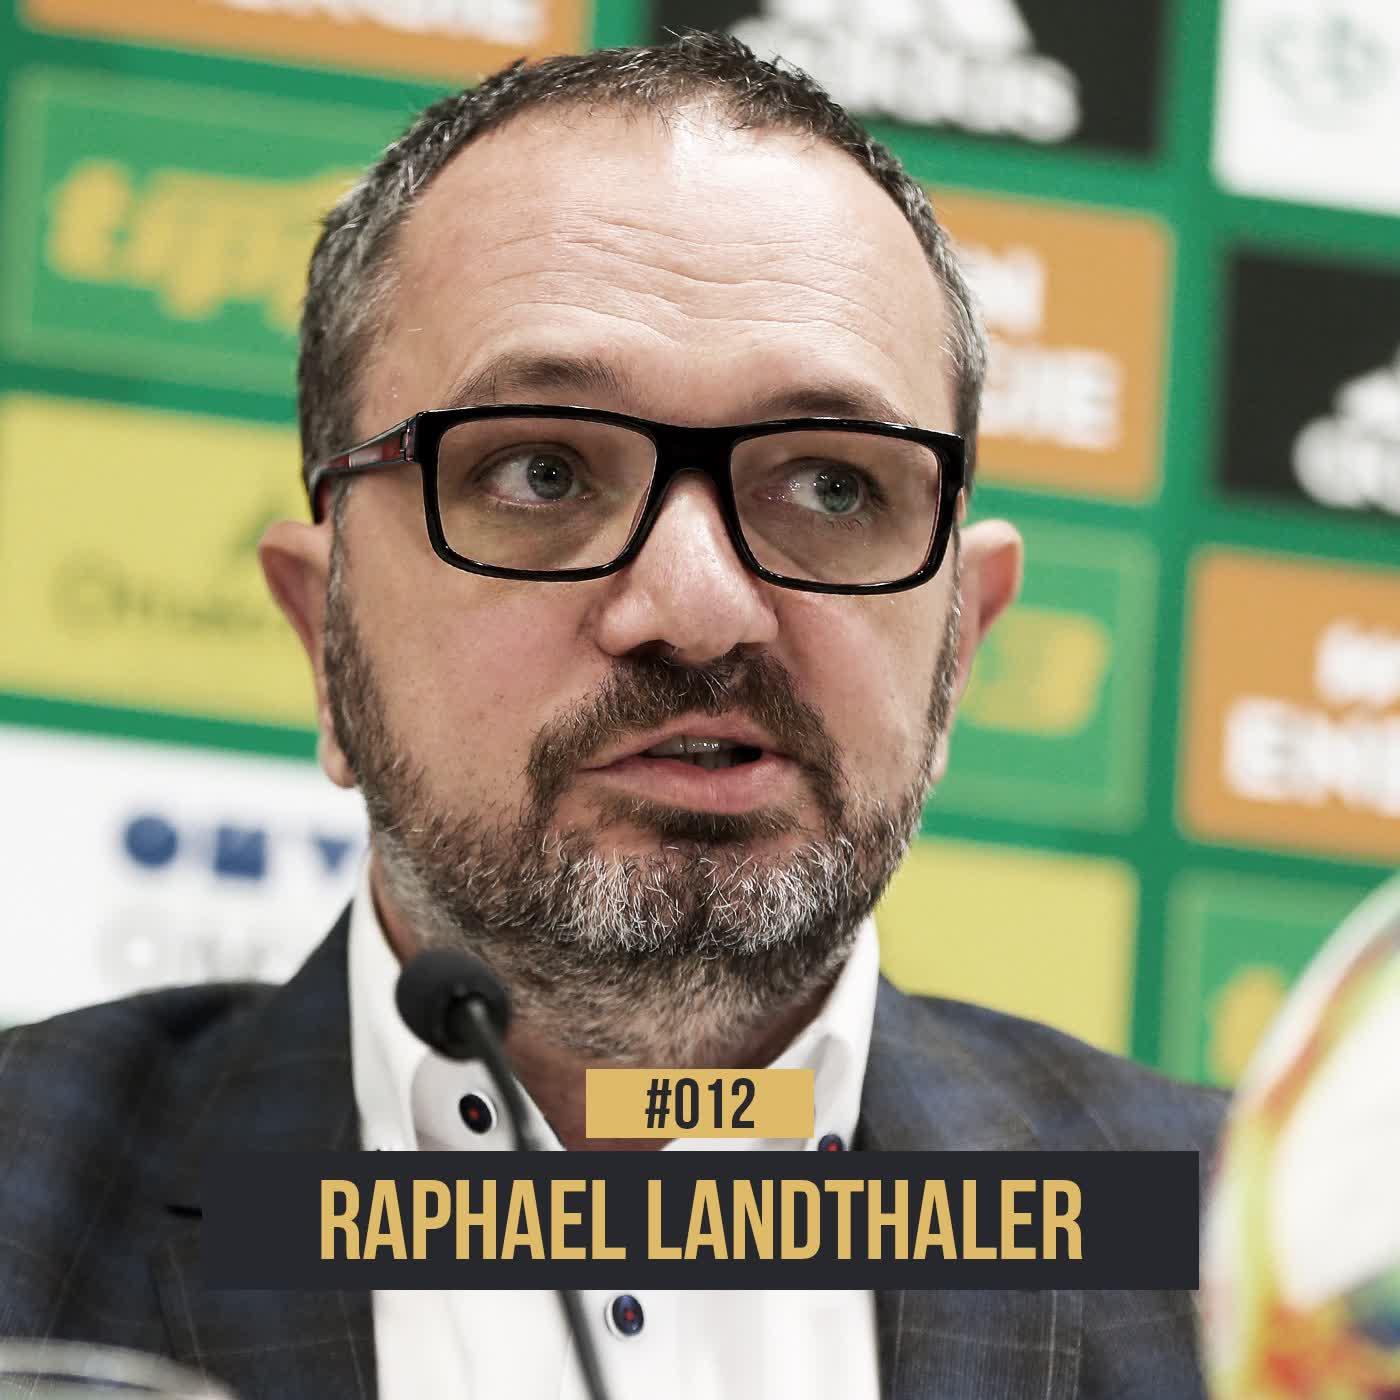 #012 Raphael Landthaler: Von St. Pölten bis in die European Club Association